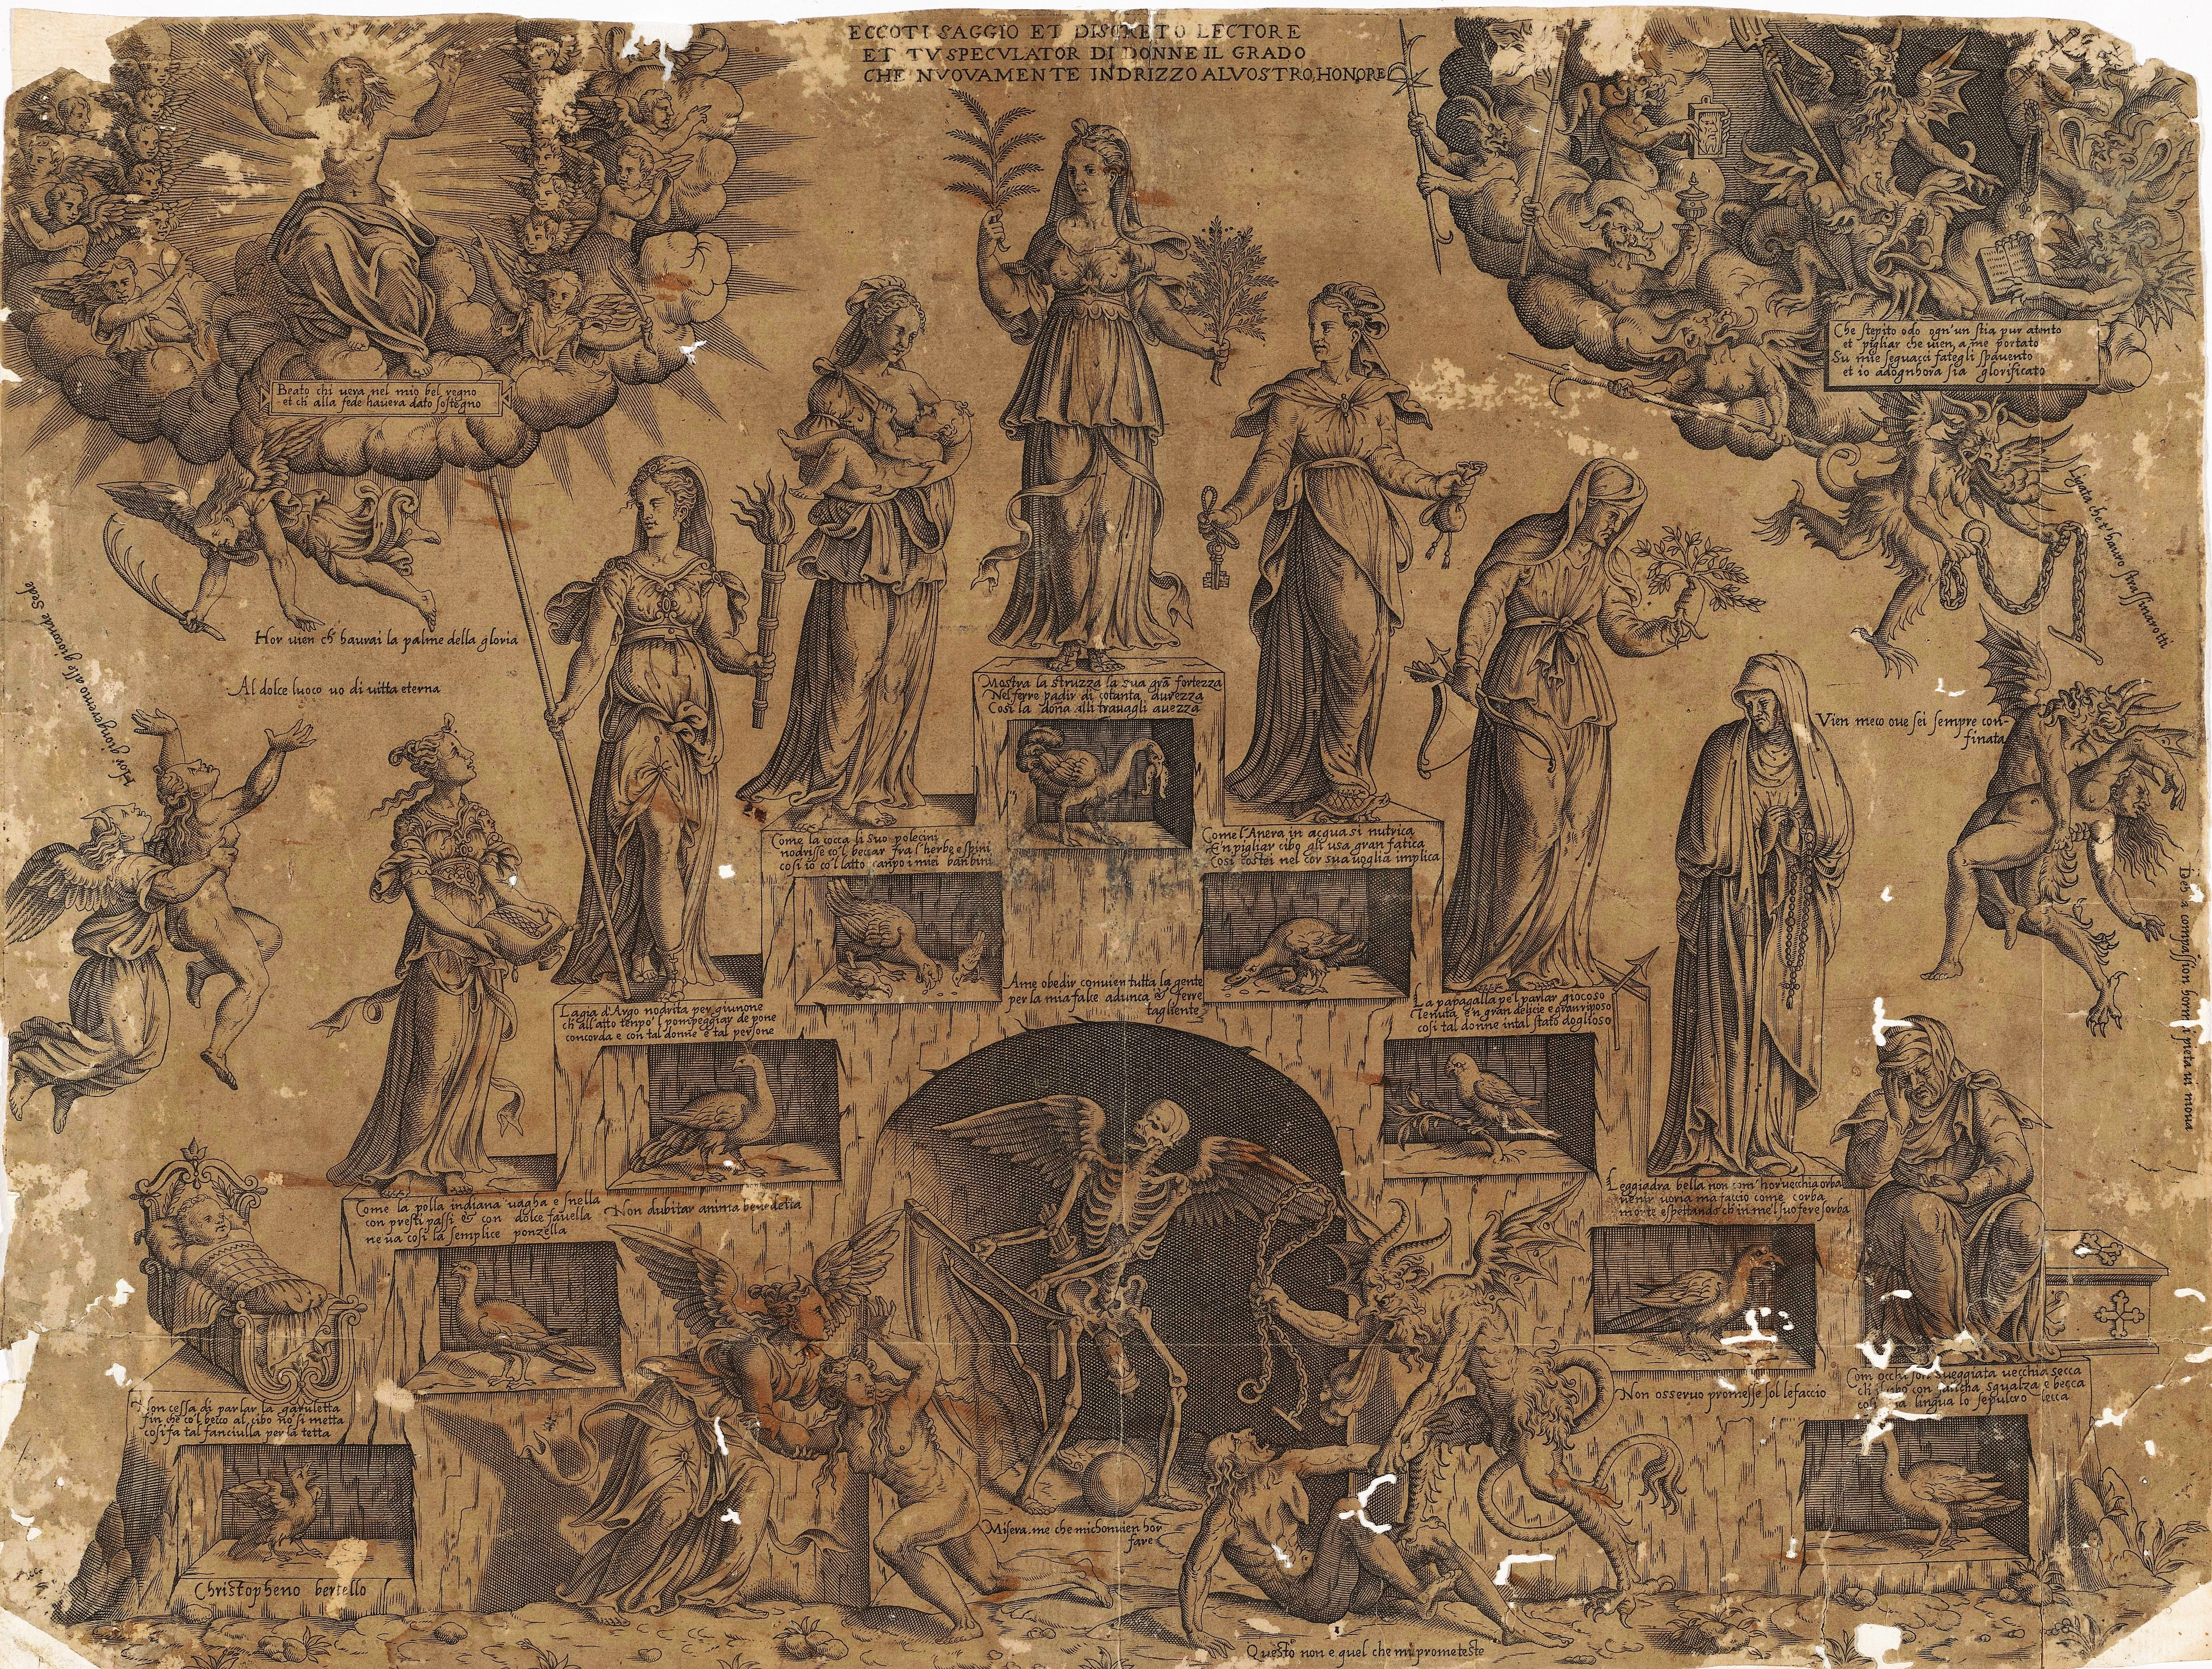 Cristofano Bertelli, c. 1560 Escalier de la vie feminine Rijksmuseum